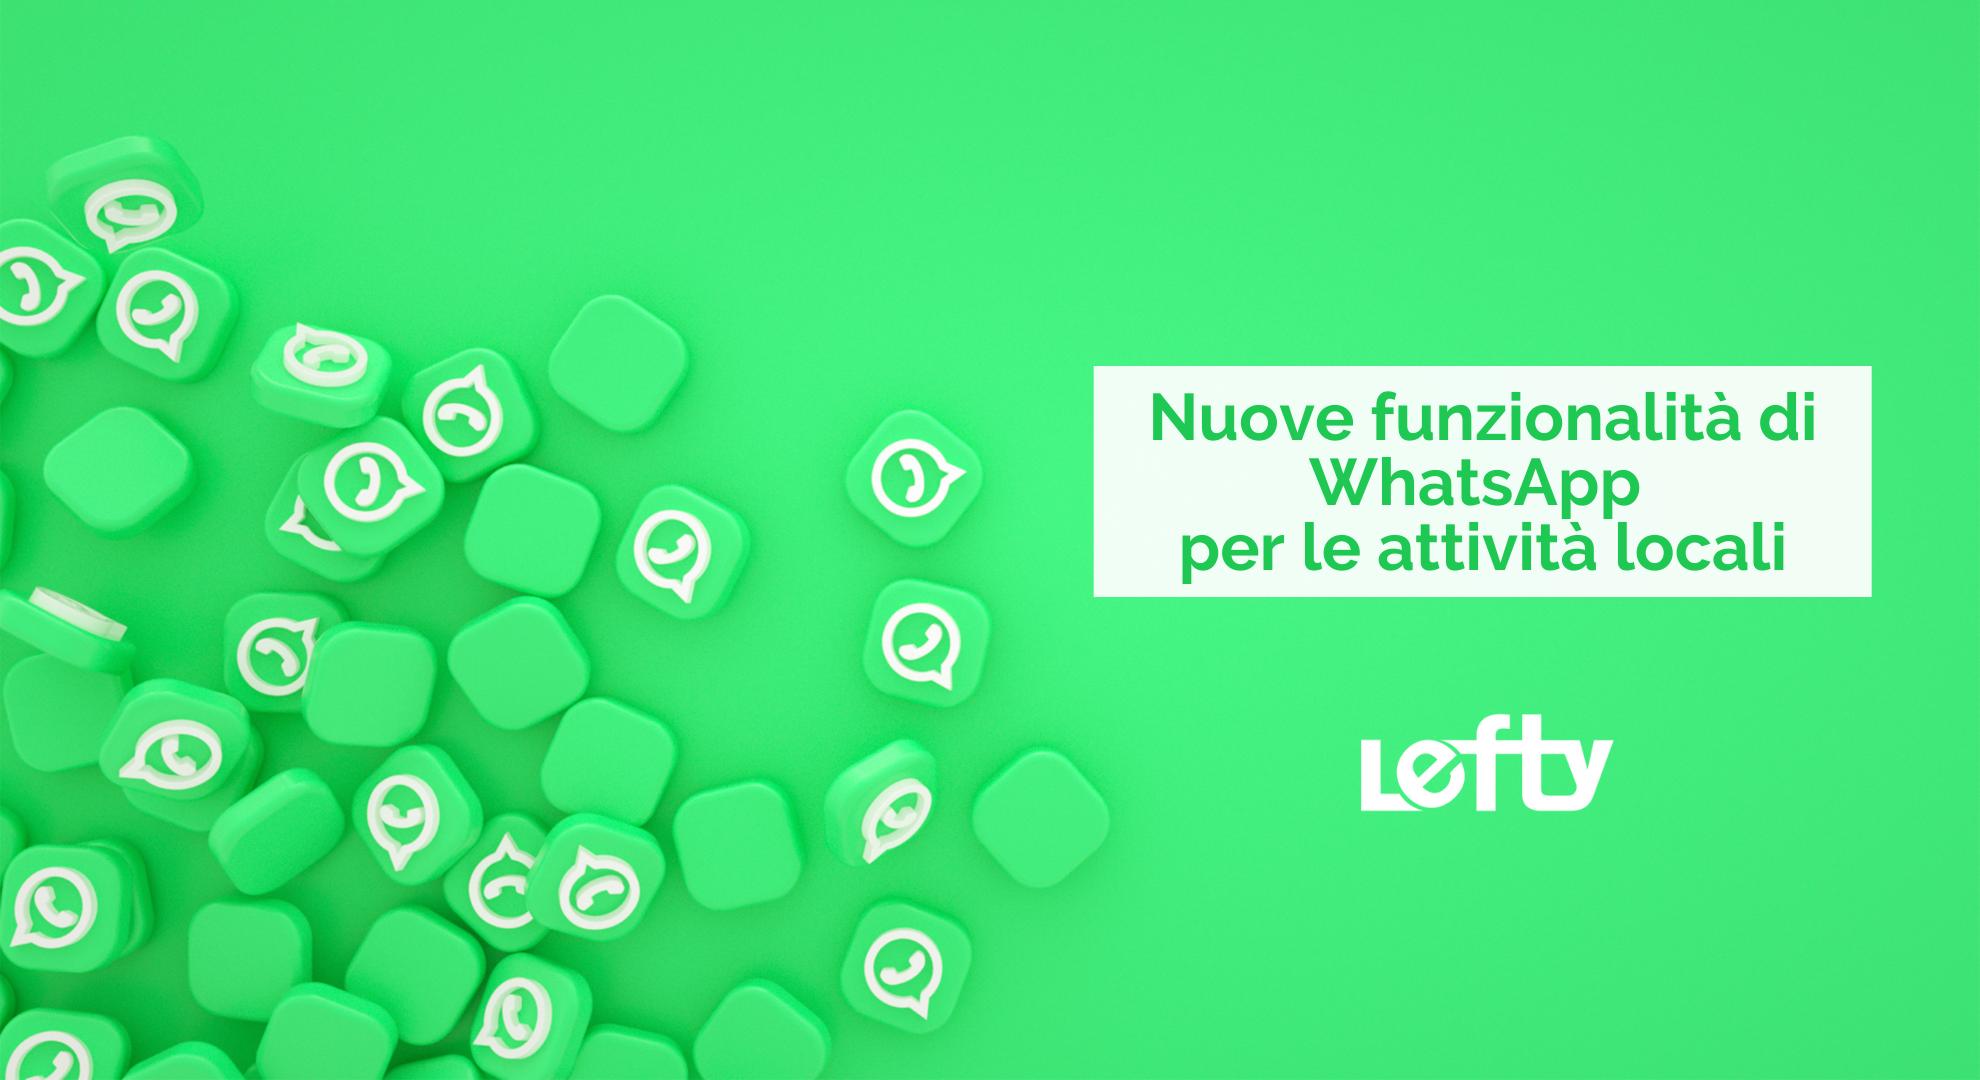 Aggiornamento WhatsApp: nuove funzionalità per attività locali